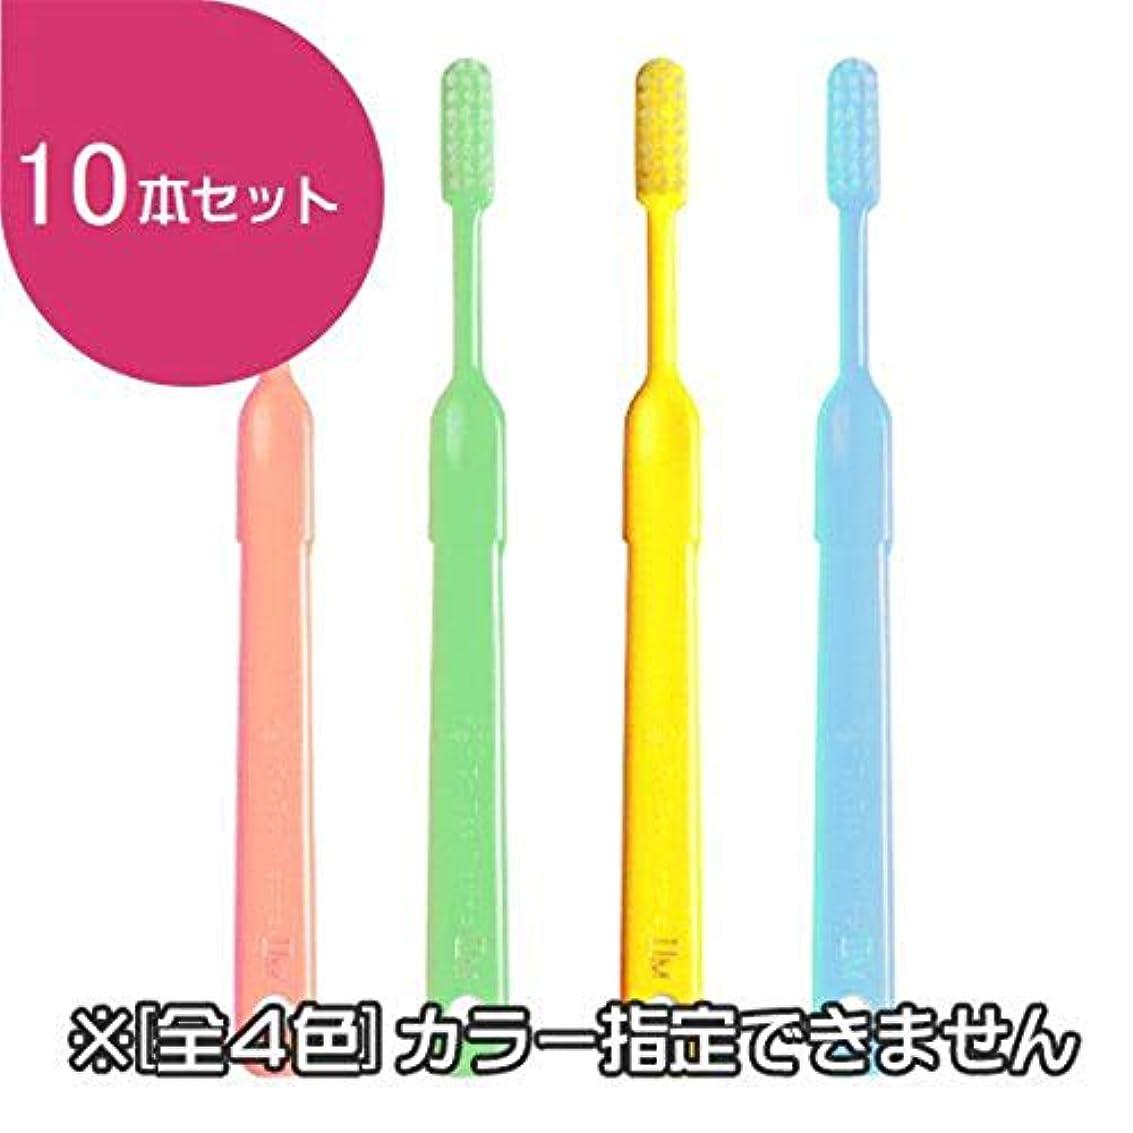 公平祝う祝うビーブランド ドクター ビーヤング2 歯ブラシ 10本(スーパーソフト)